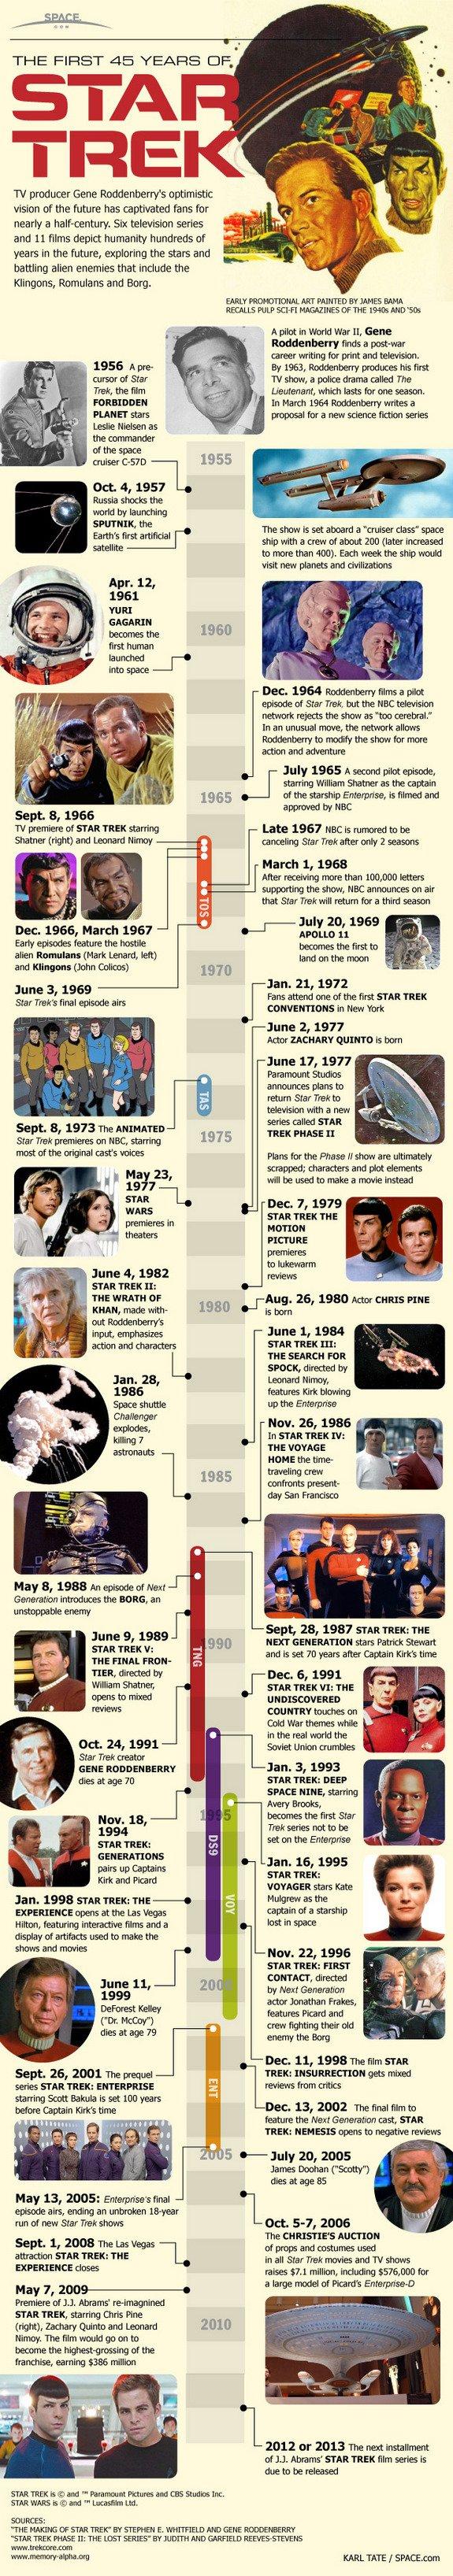 the-evolution-of-star-trek_5113e1172c0b6